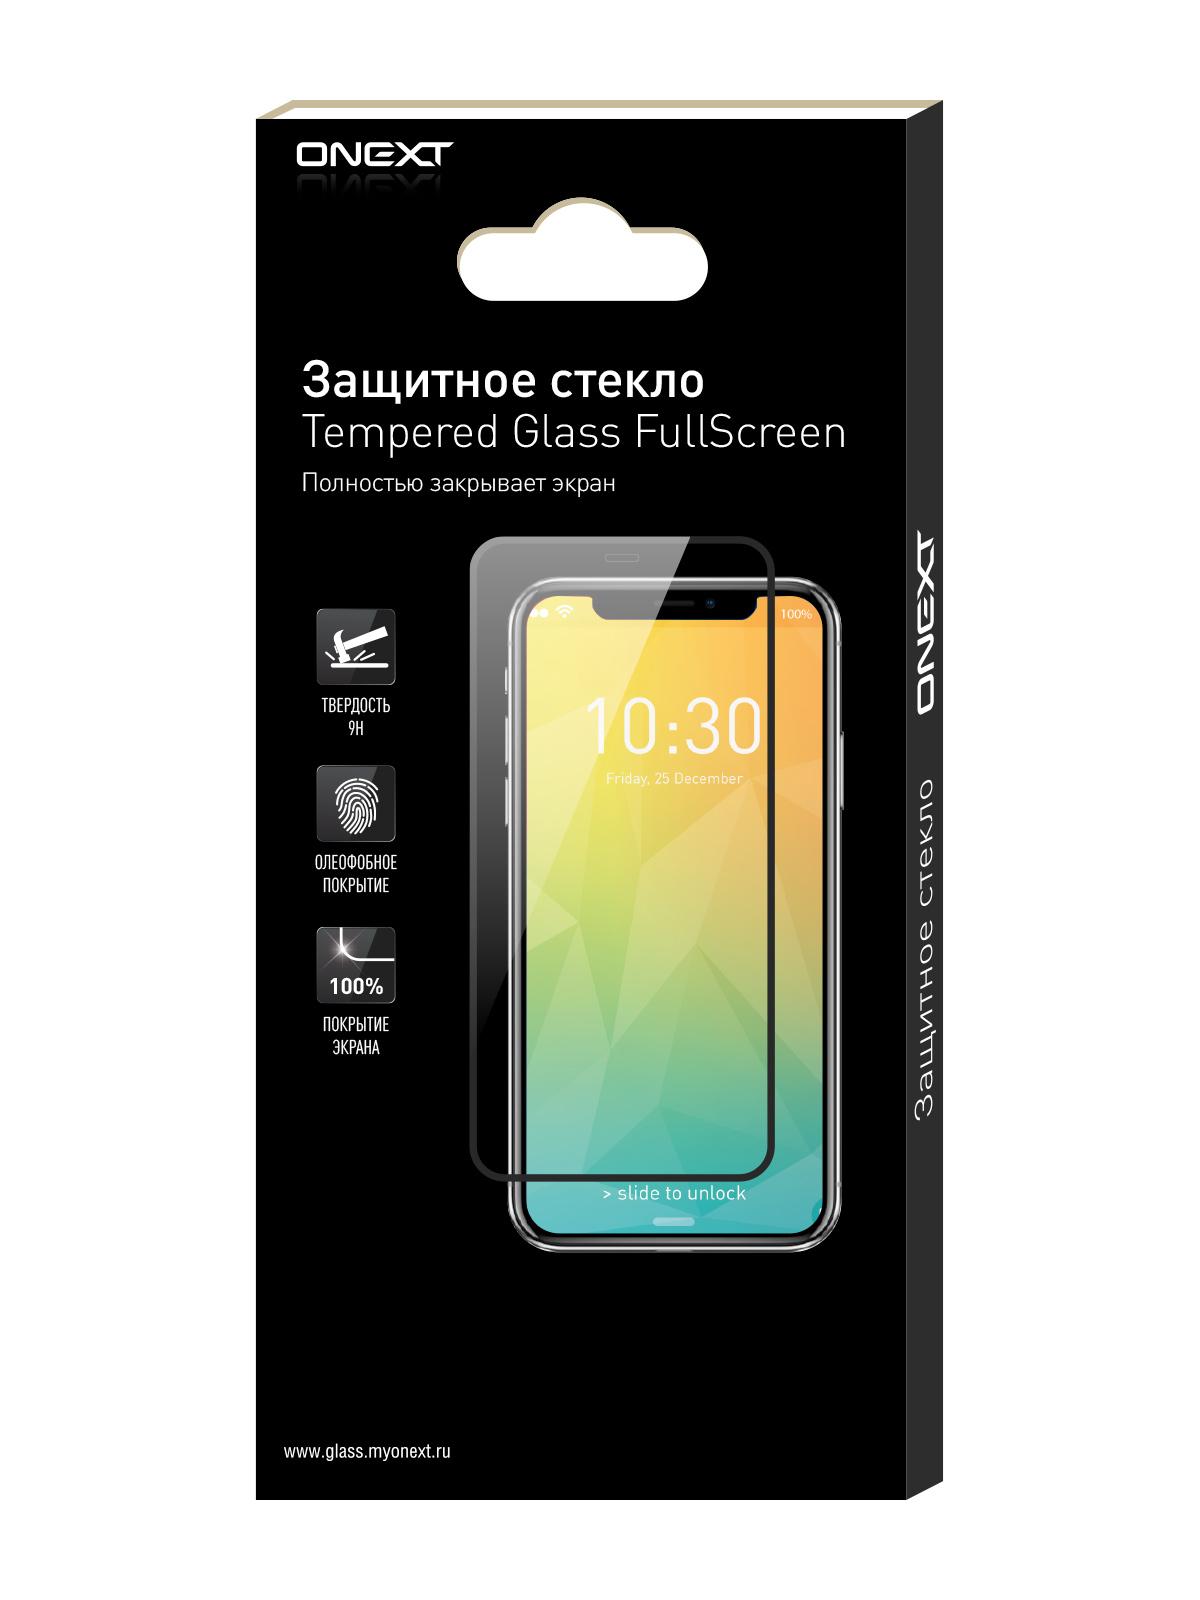 Защитное стекло ONEXT для Xiaomi Mi 5S Black